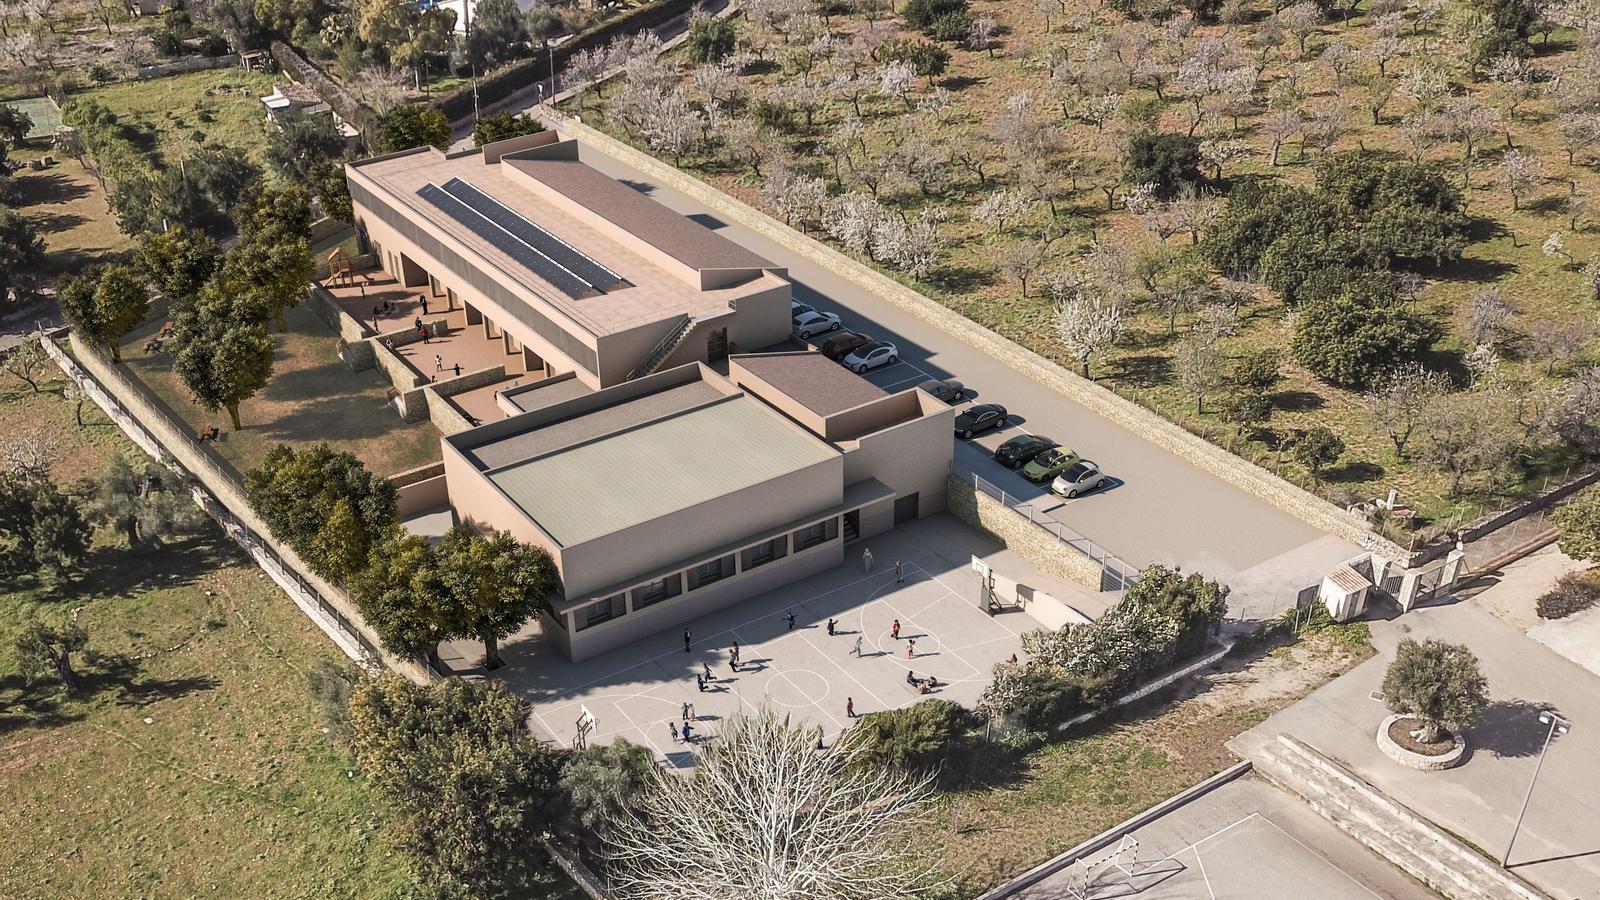 Des del 2017 els 73 alumnes del CEIP Ses Roques fan classe a l'edifici de Ca ses Monges